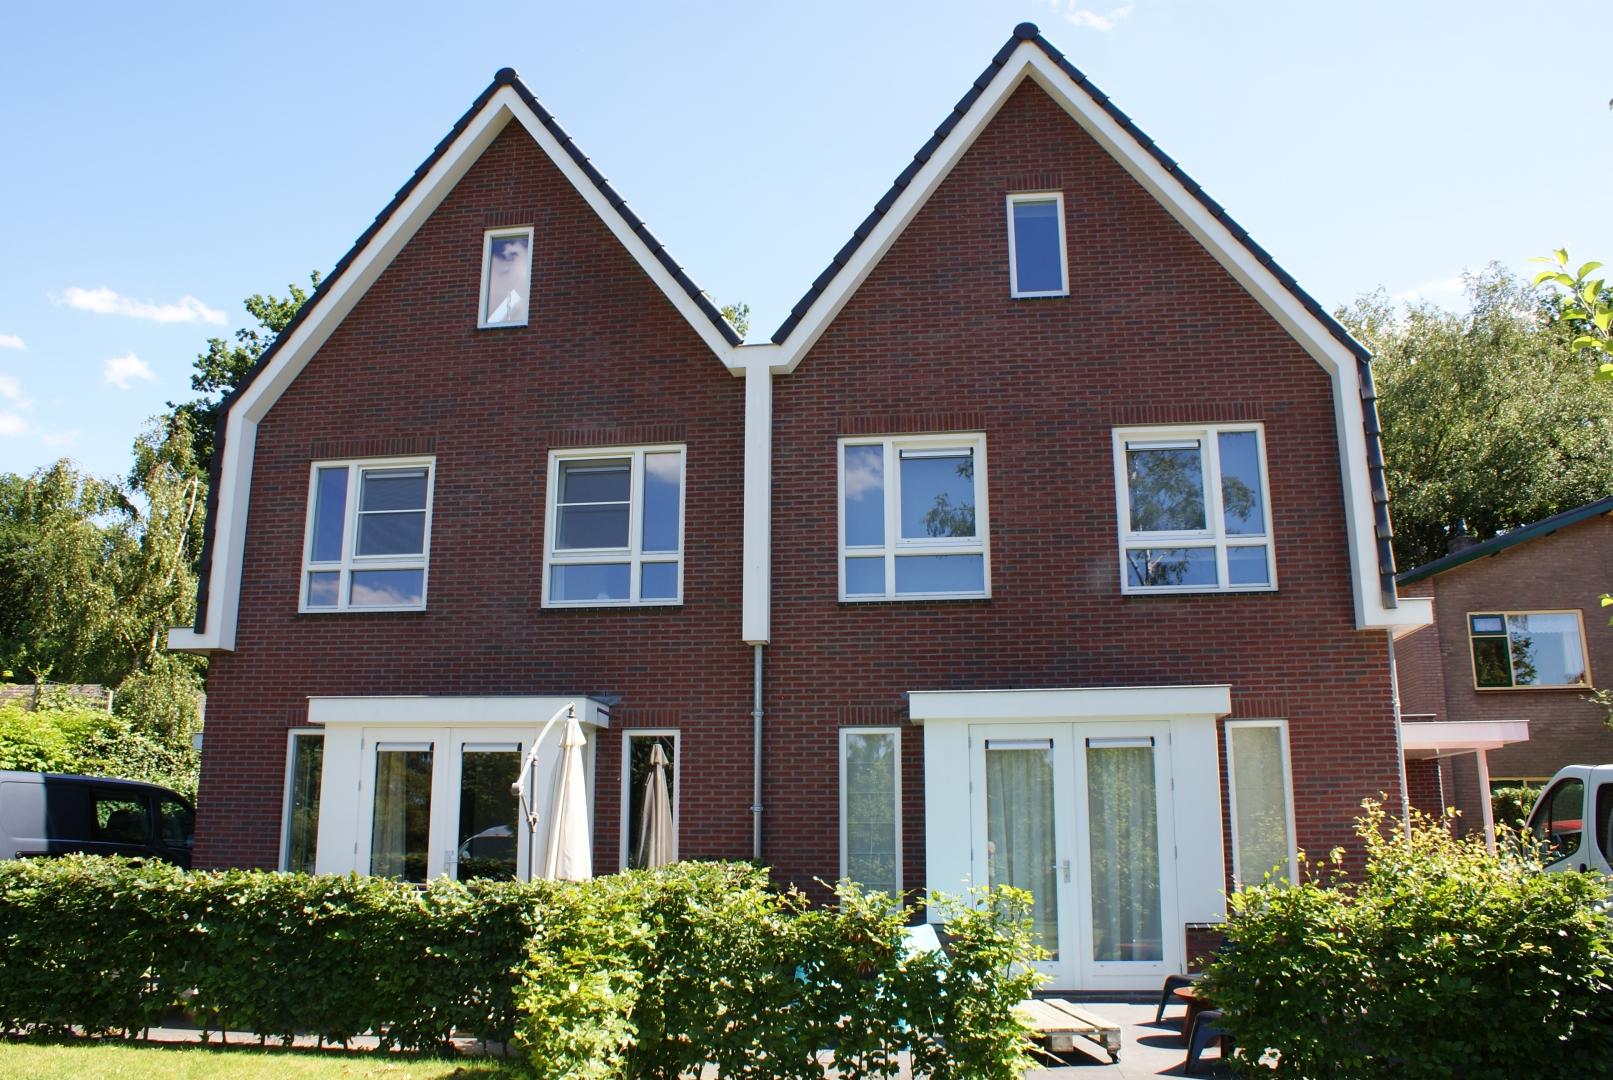 Nieuwbouw van een ruim dubbel woonhuis met erkers aan de Zeeweg in Ermelo